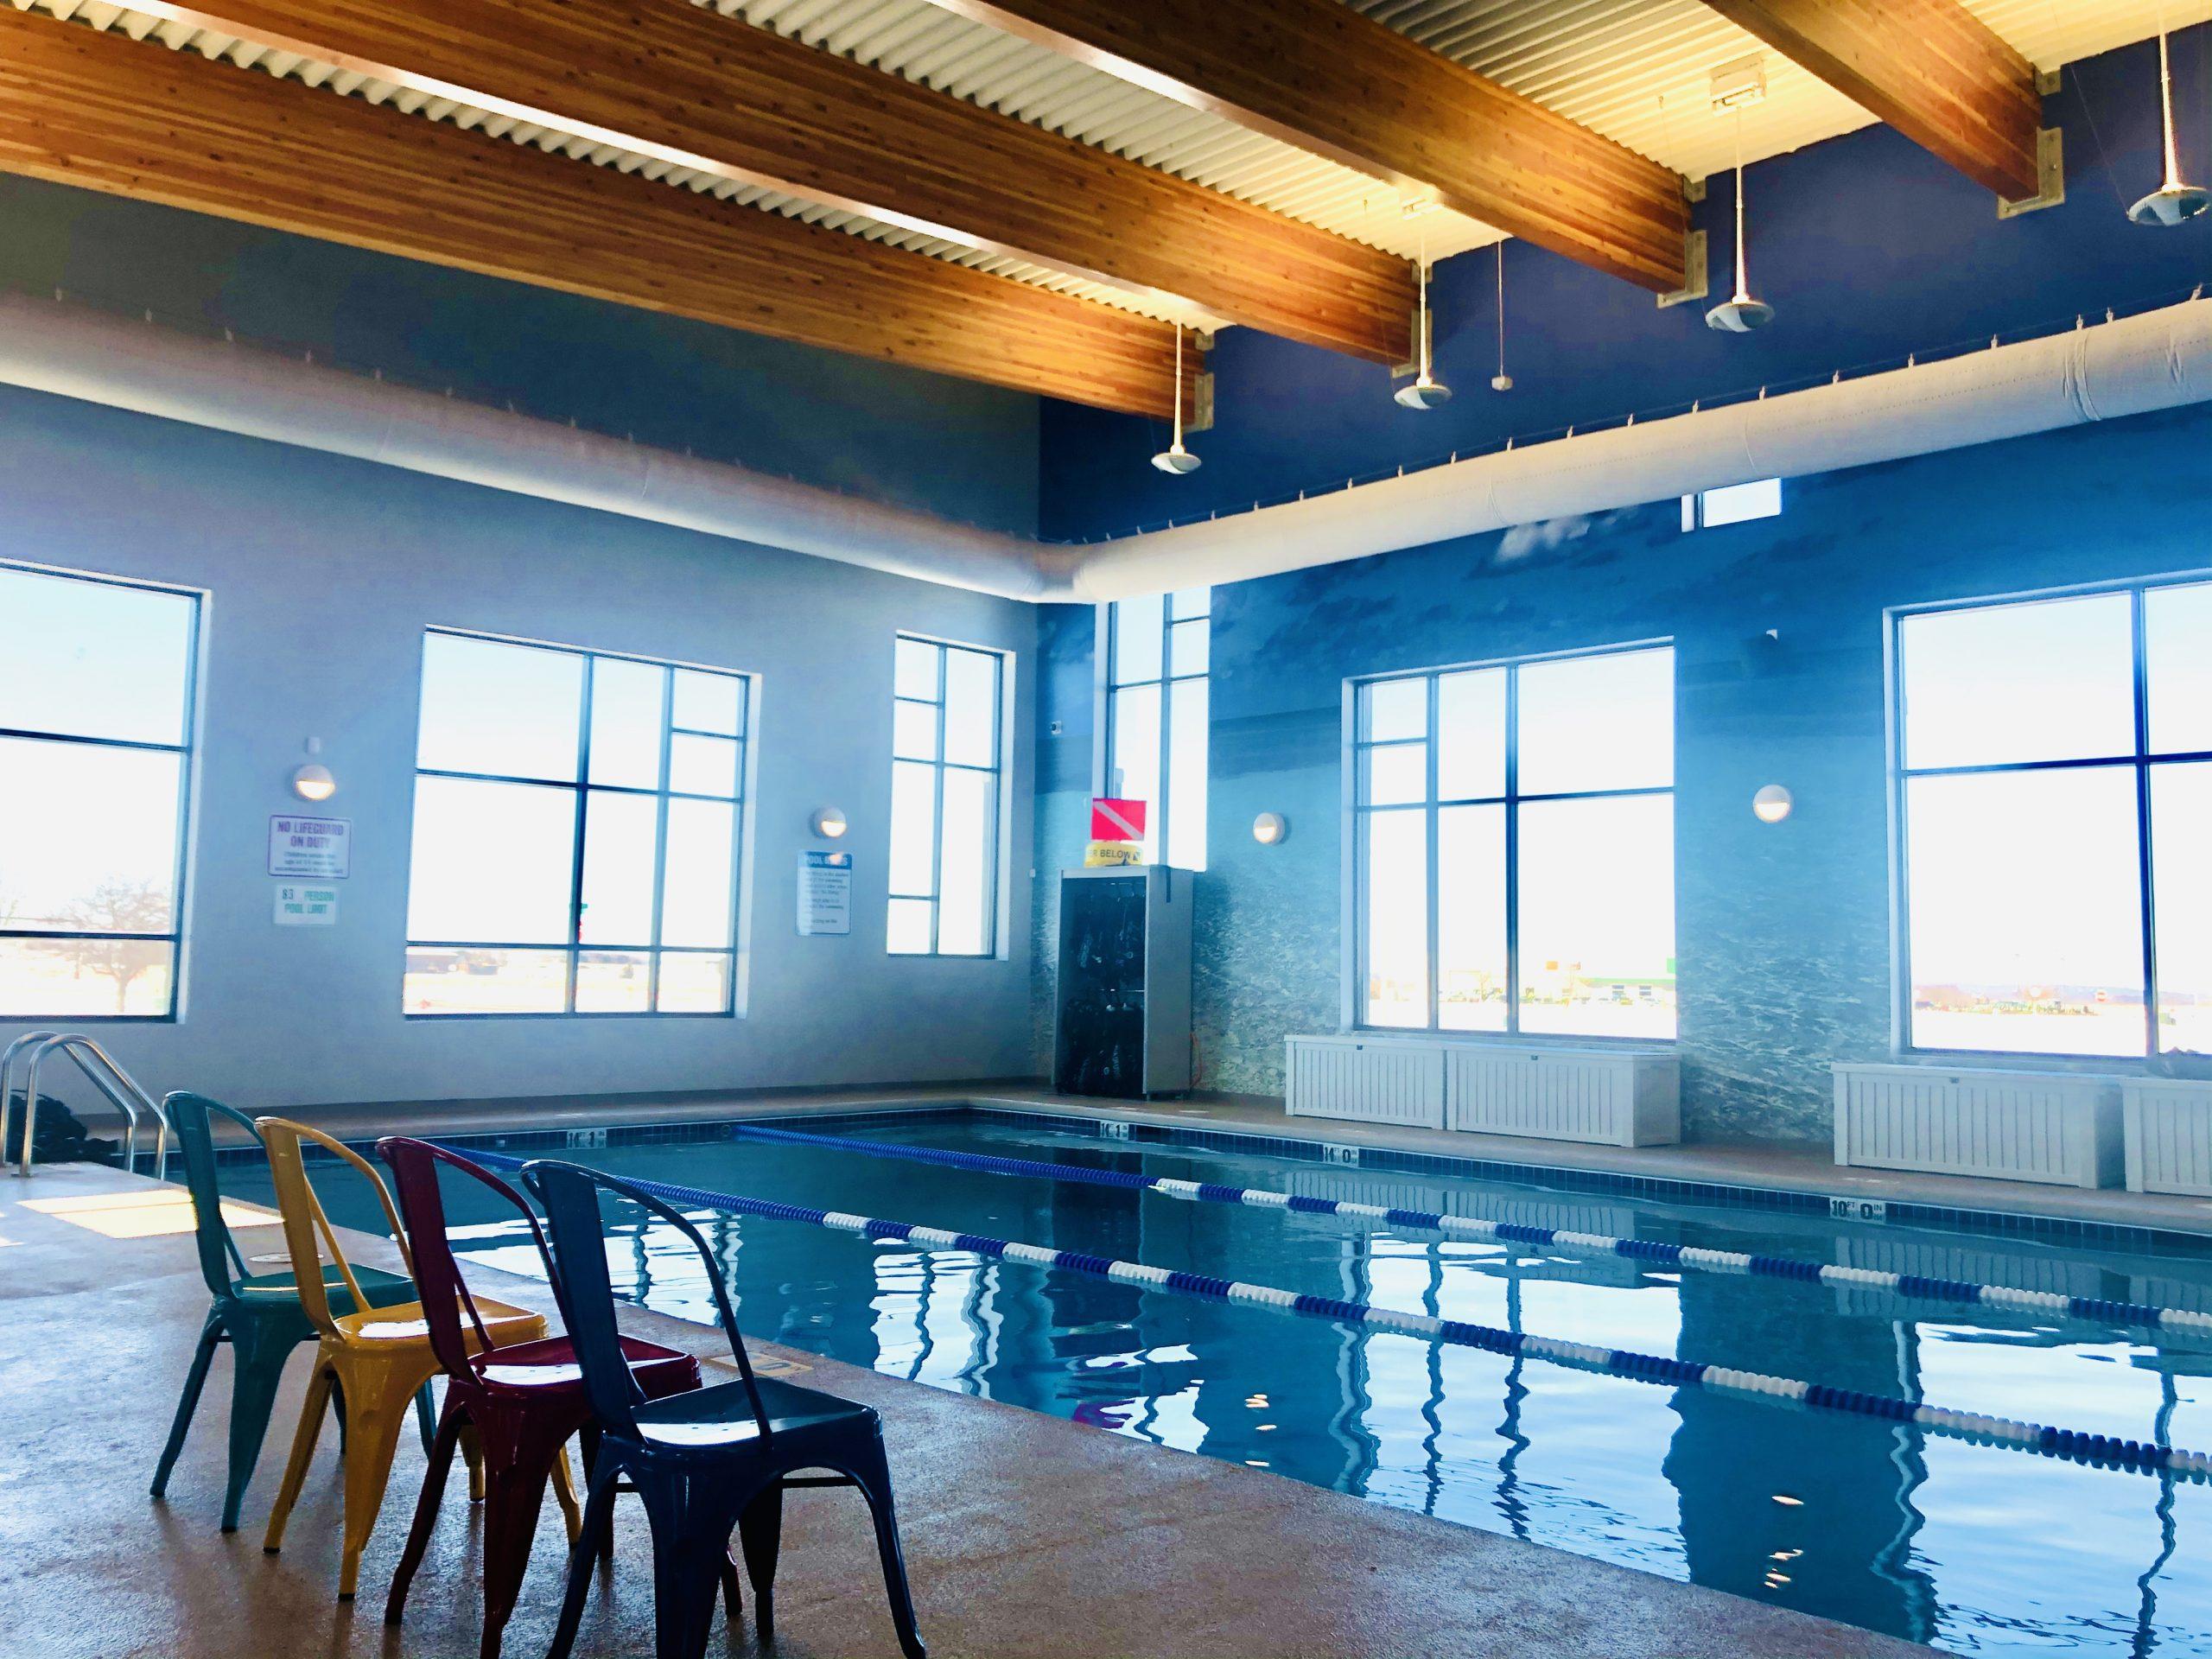 Diventures North Liberty indoor pool